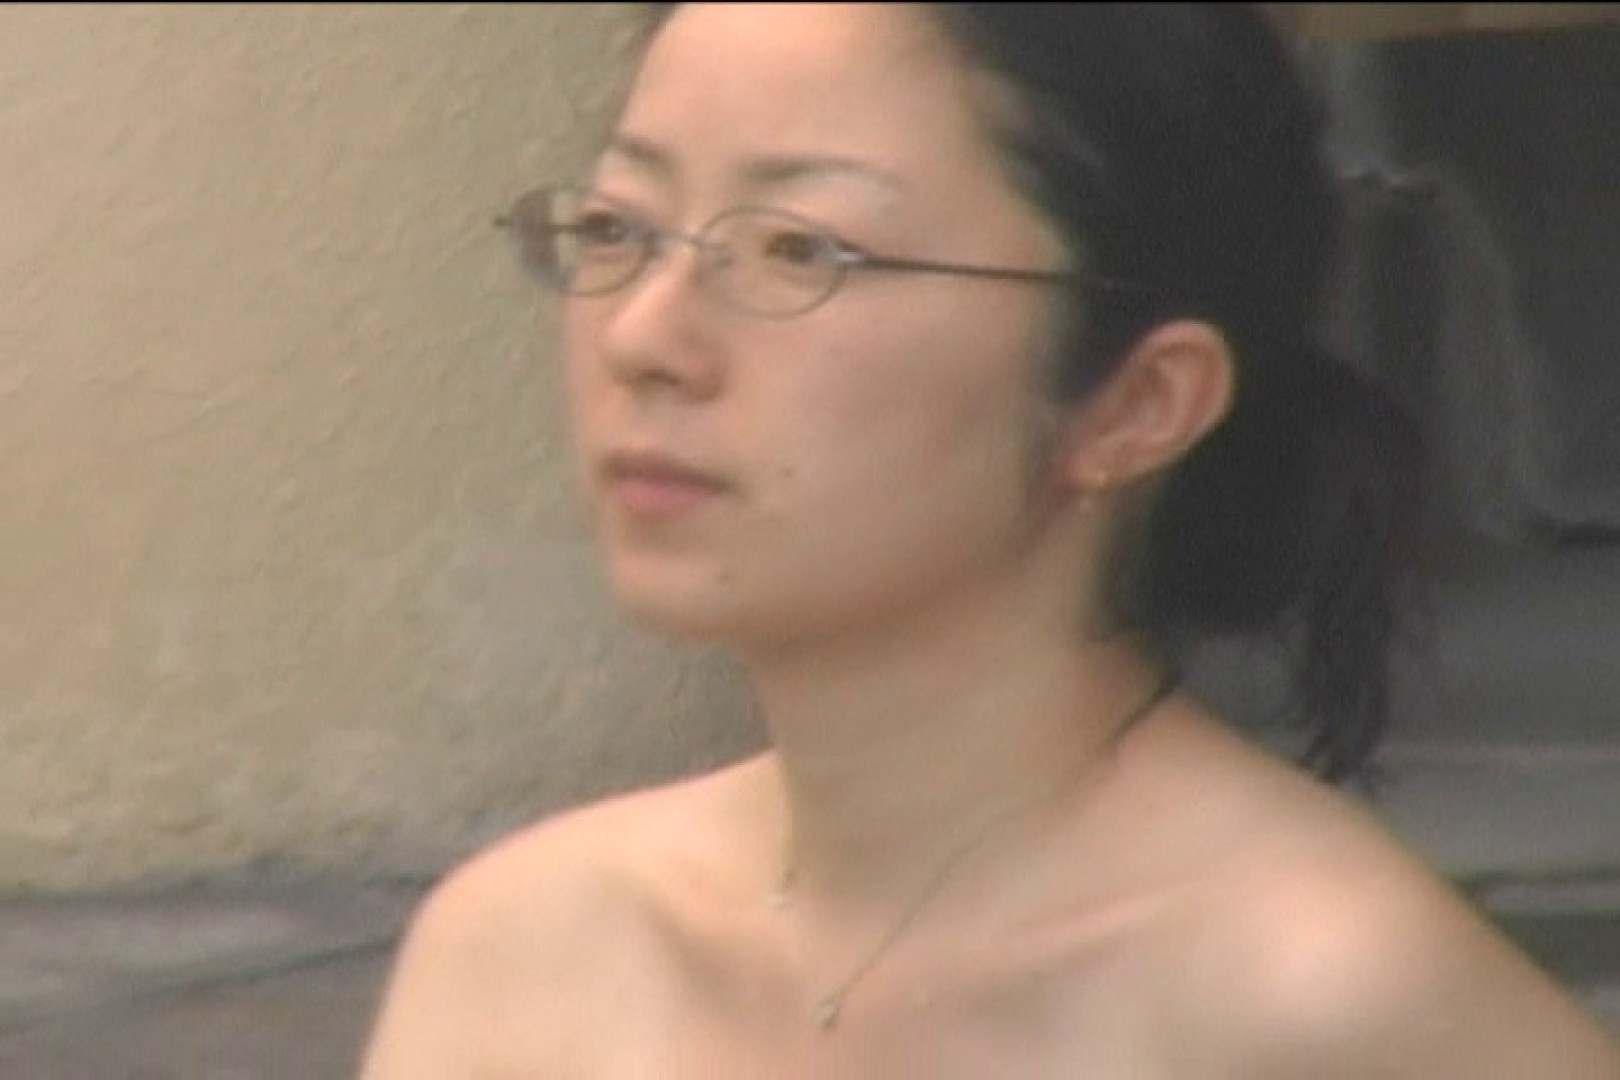 Aquaな露天風呂Vol.534 美しいOLの裸体 | 盗撮師作品  87pic 25